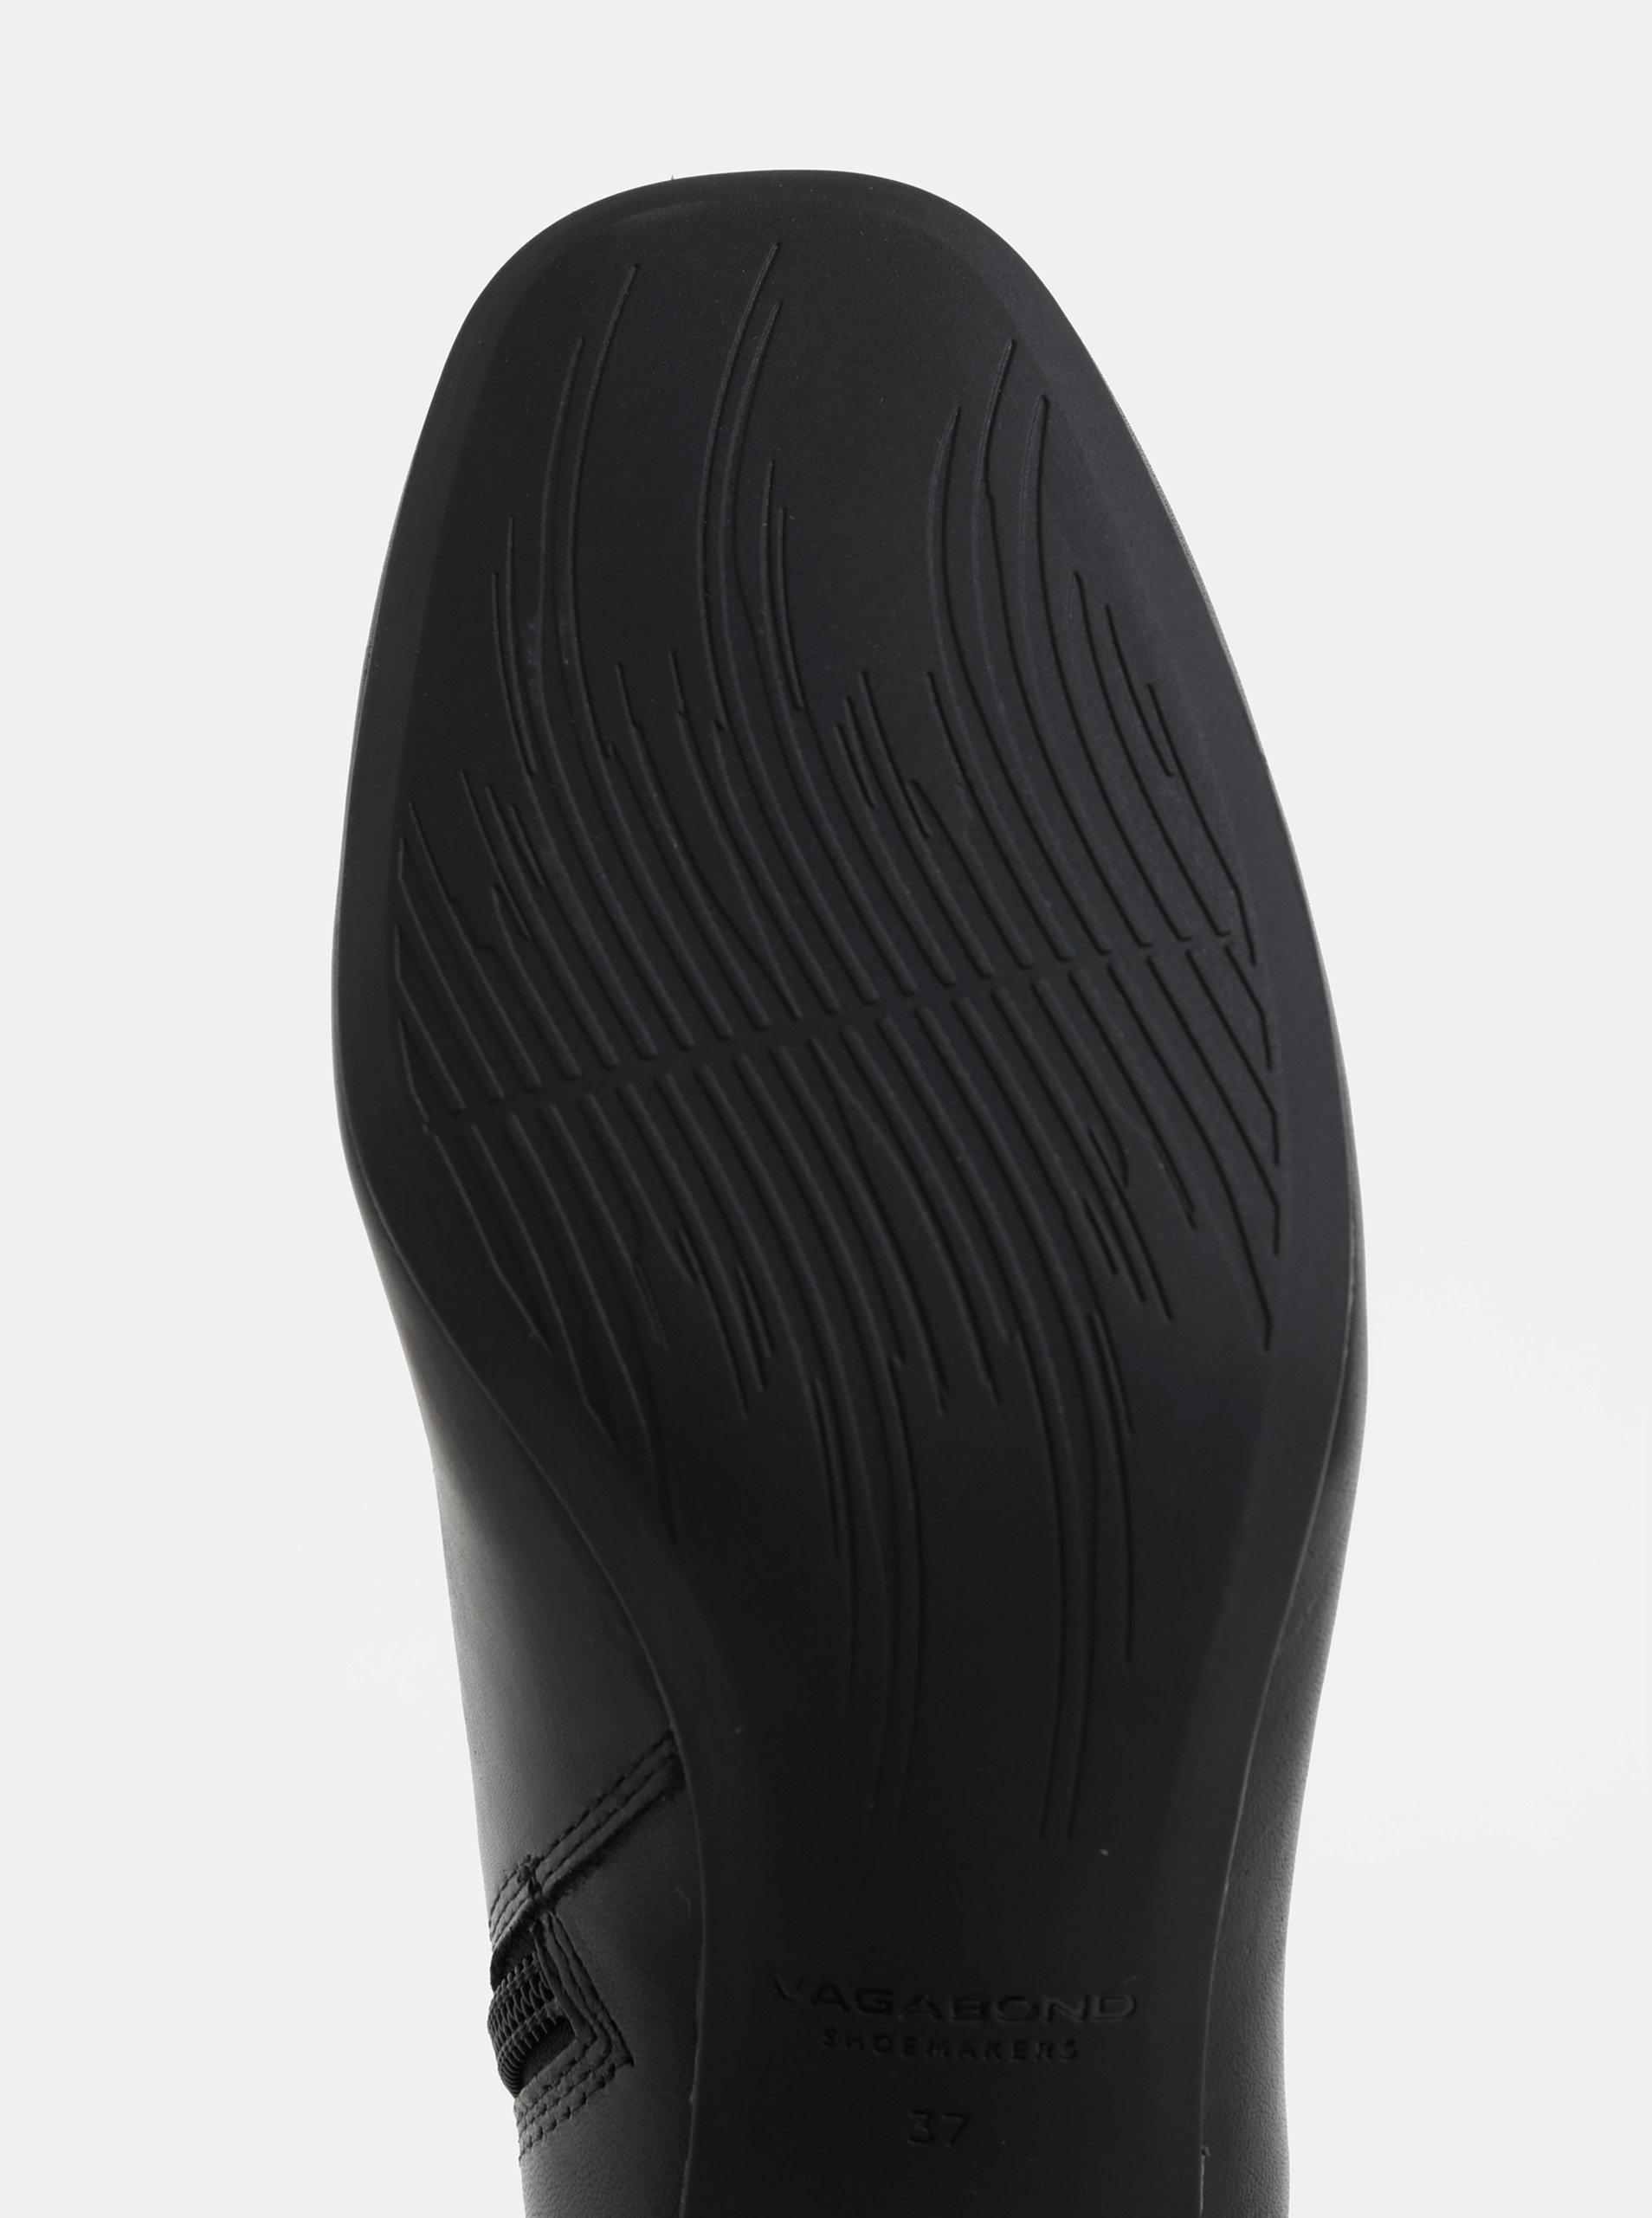 b107e41c6c17b Čierne dámske kožené nízke čižmy s metalickým podpätkom Vagabond Jeena ...